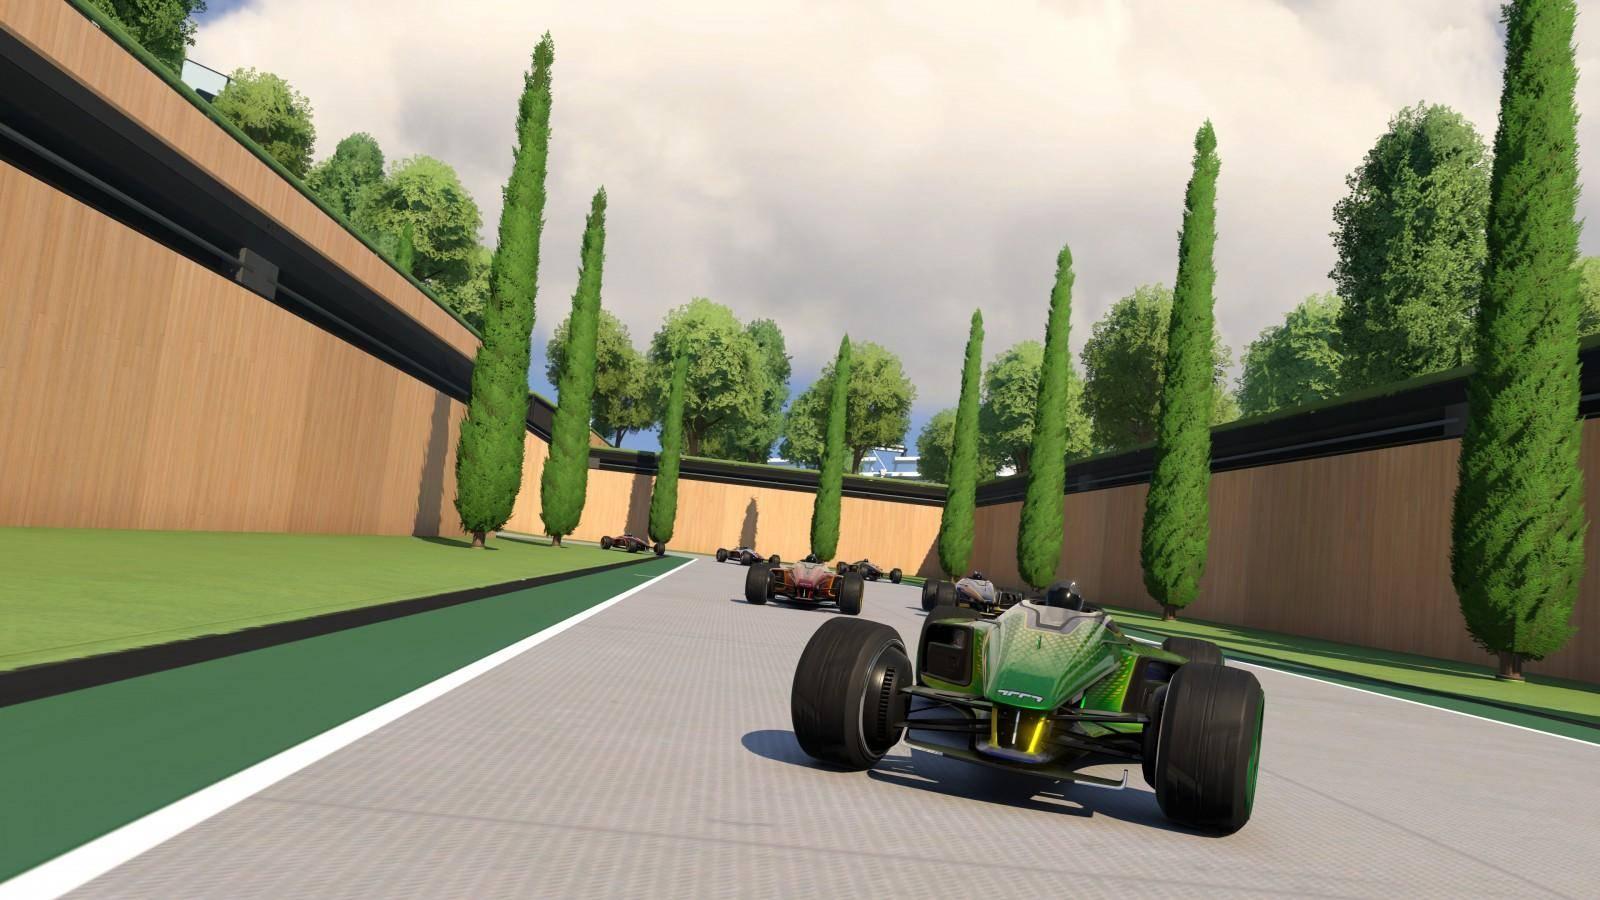 Trackmania ya está disponible en PC 10